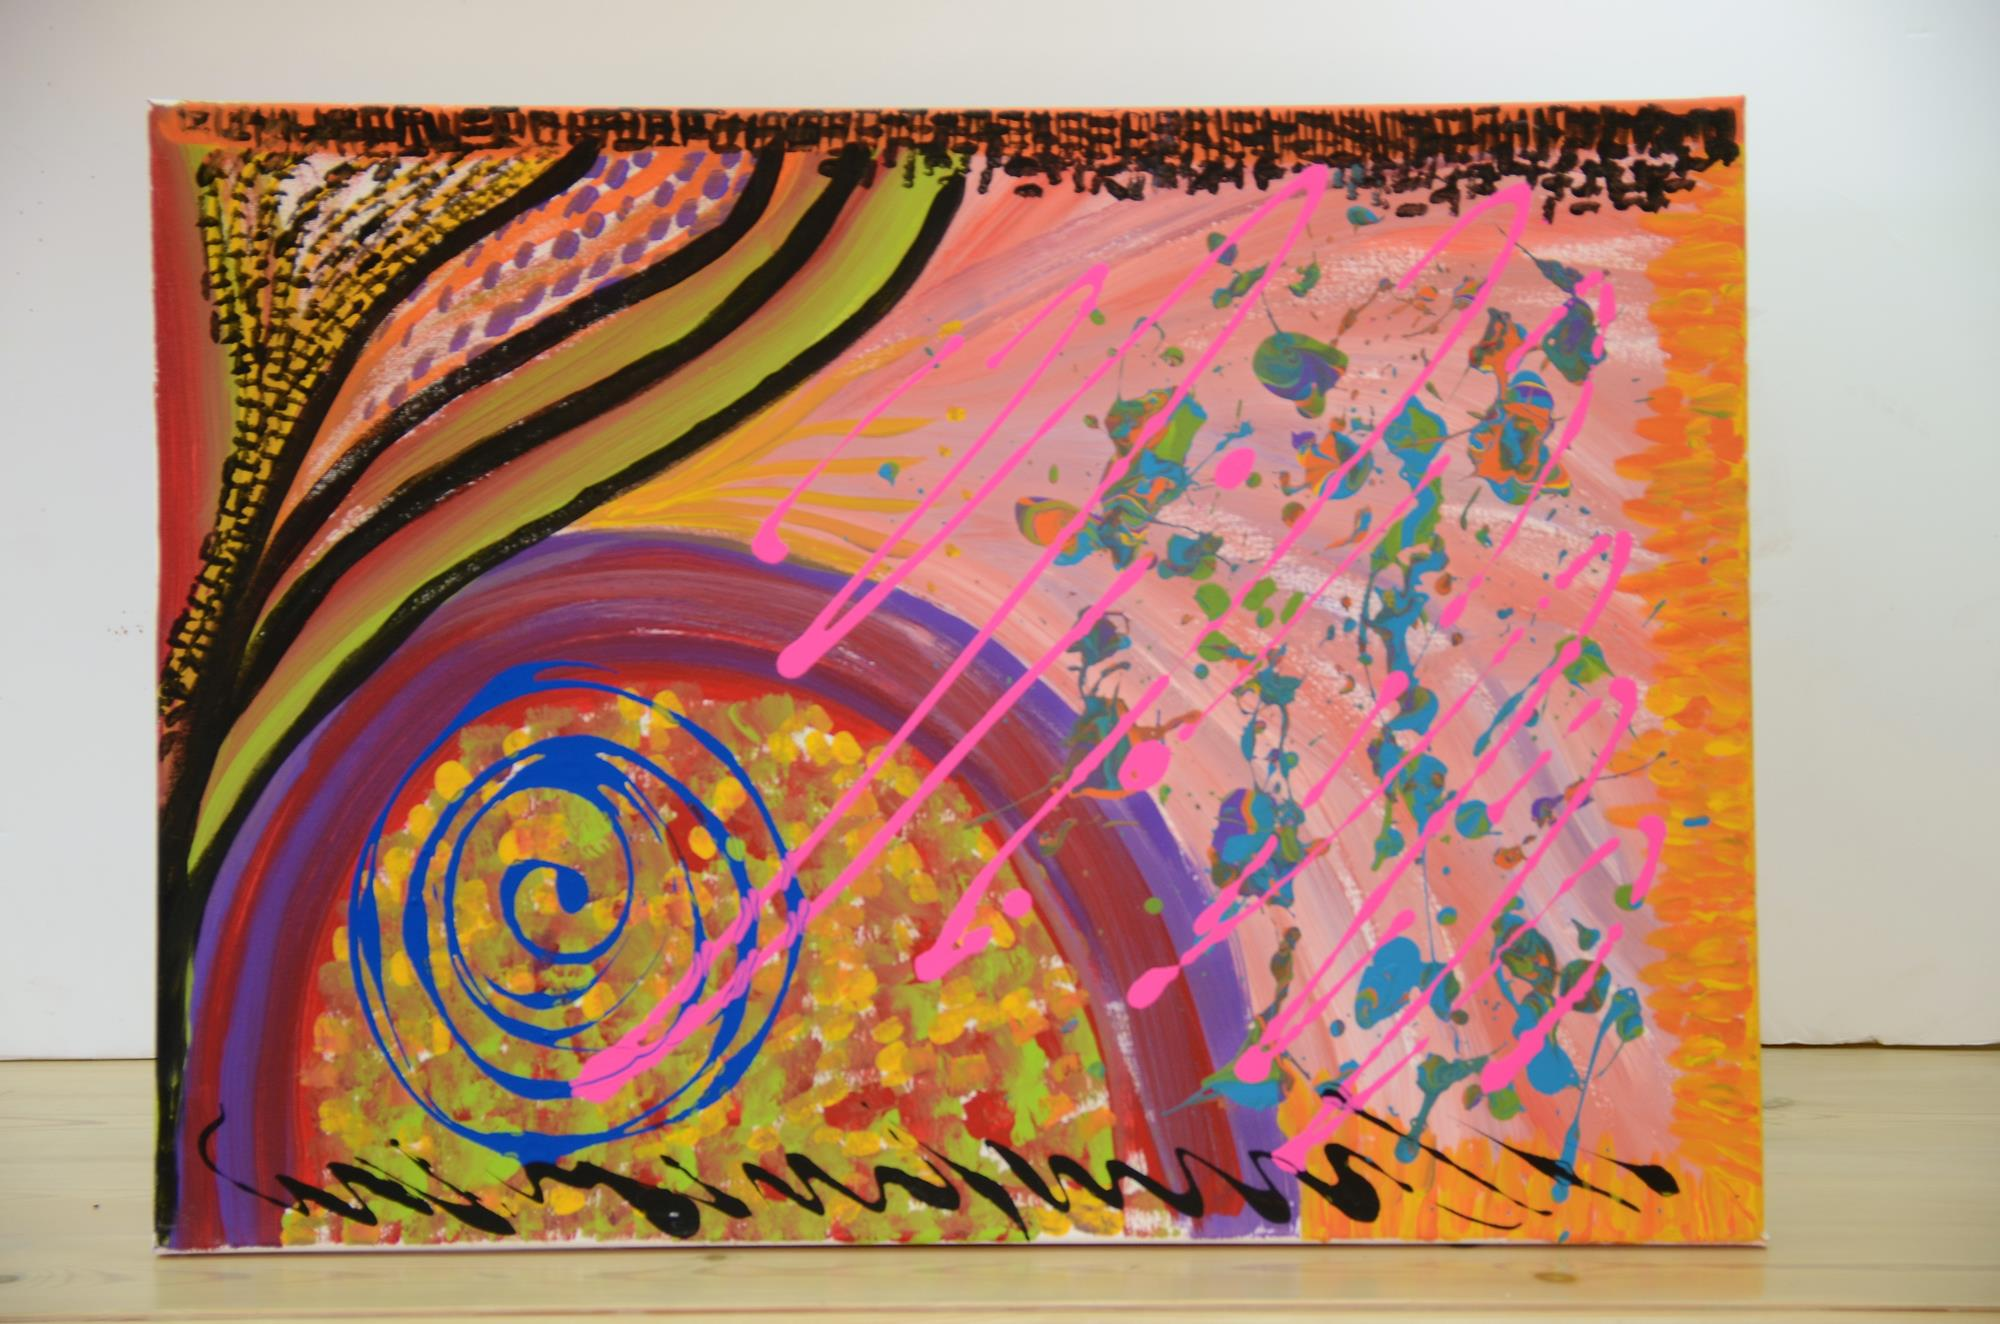 תערוכת אמנות State of the ART